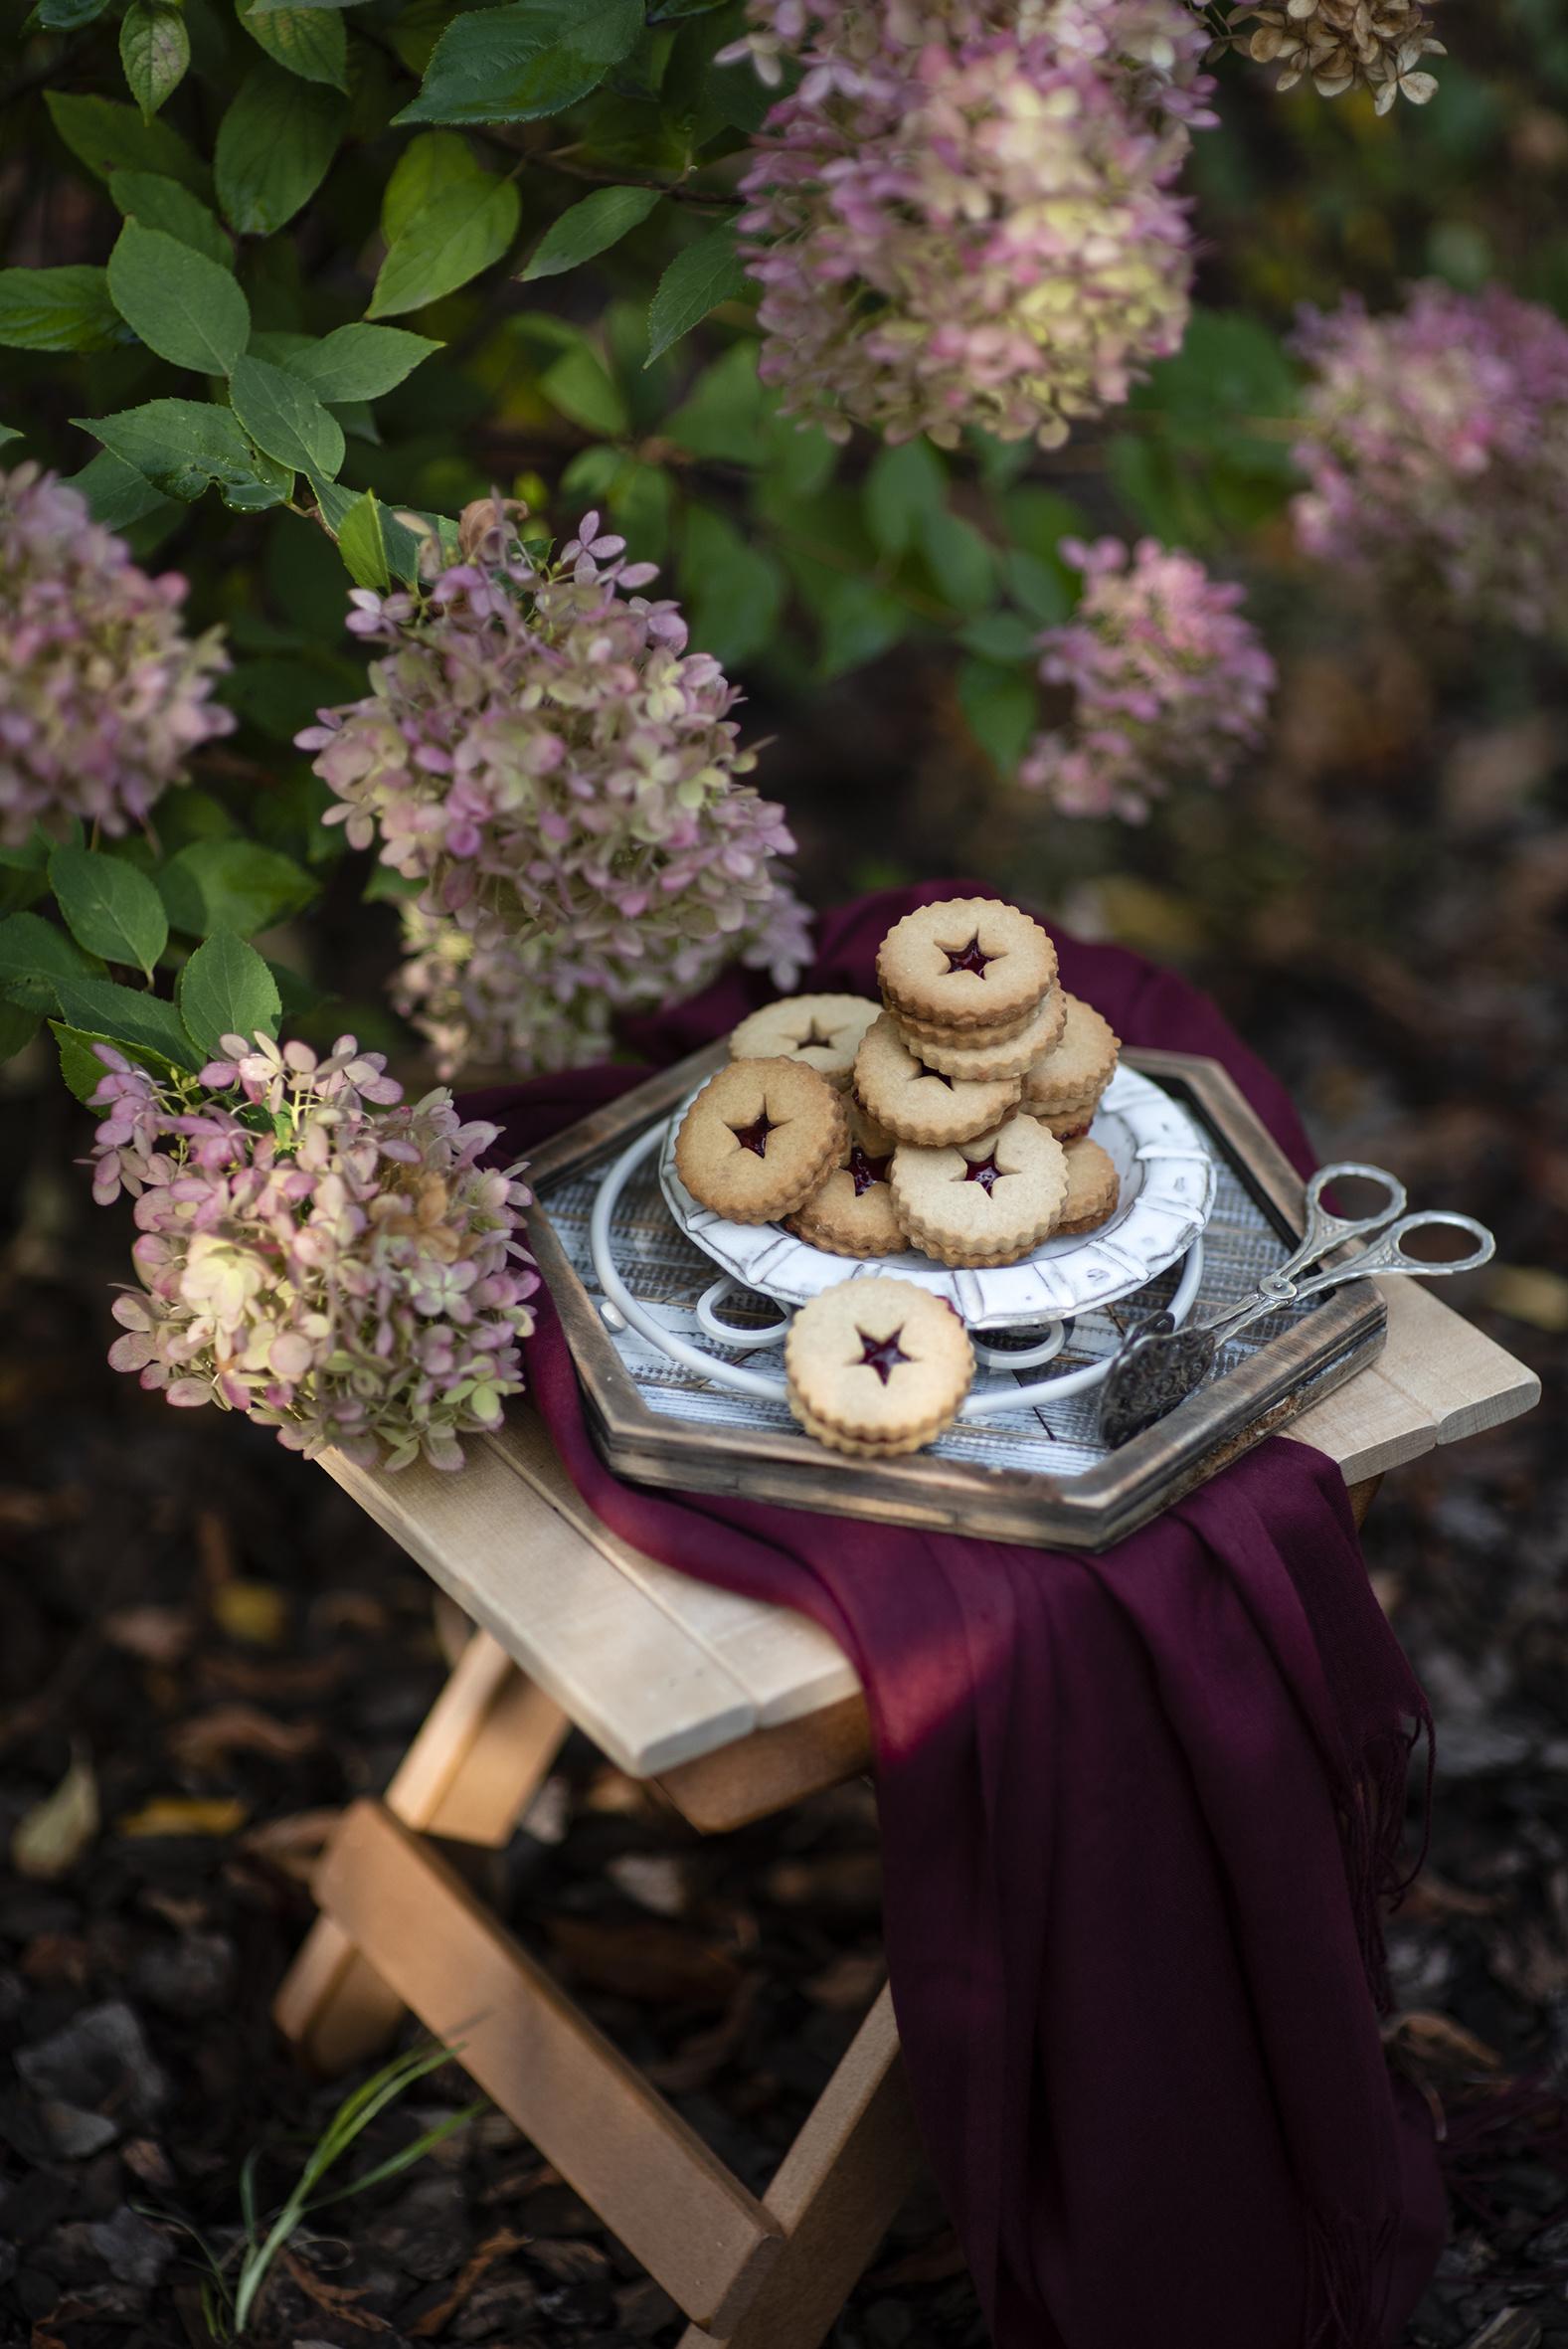 Картинки цветок Гортензия Пища Печенье  для мобильного телефона Цветы Еда Продукты питания